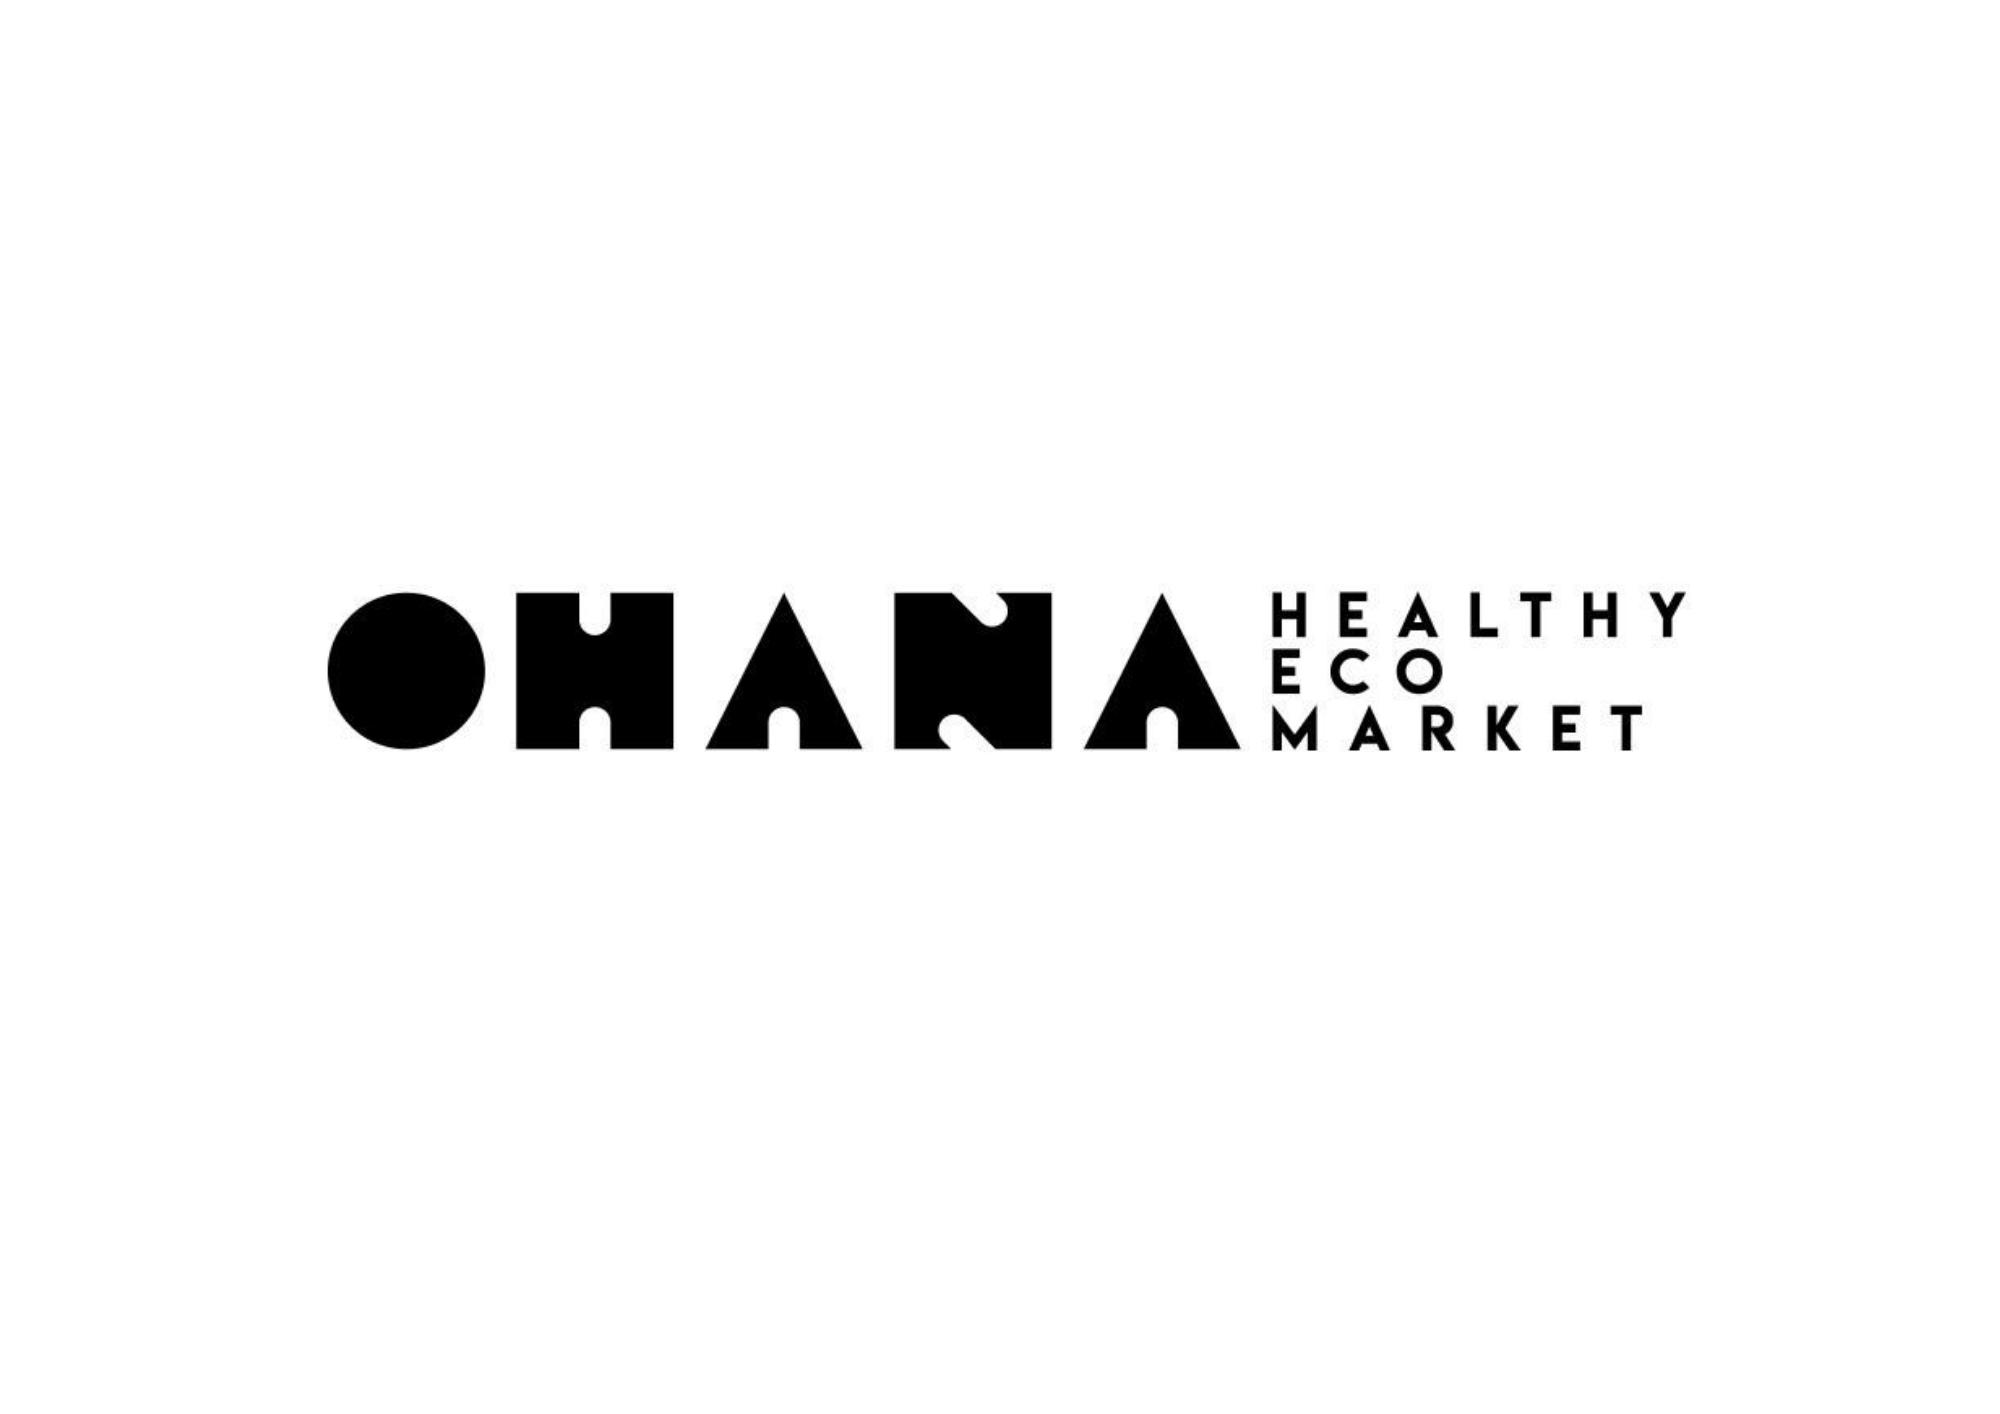 OHANA - HEALTHY ECO MARKET